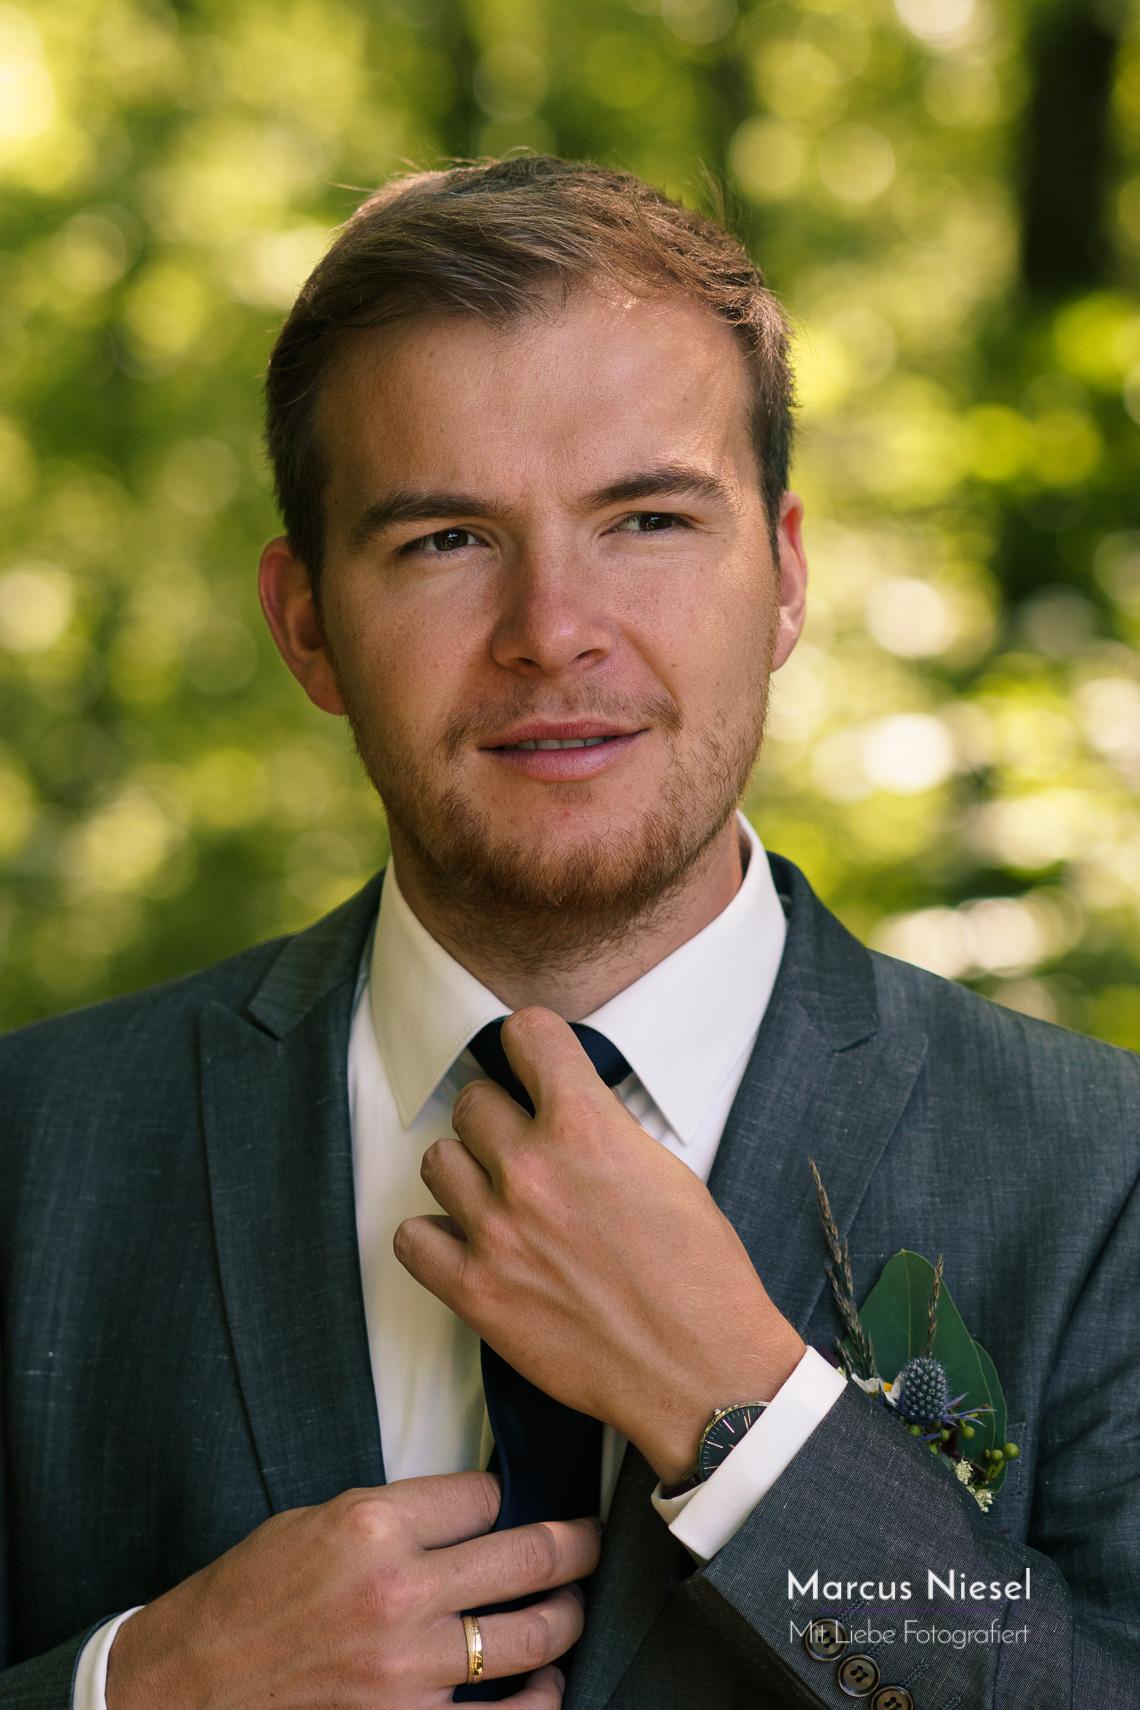 Der Bräutigam rückt seine Krawatte für das Foto zurecht.